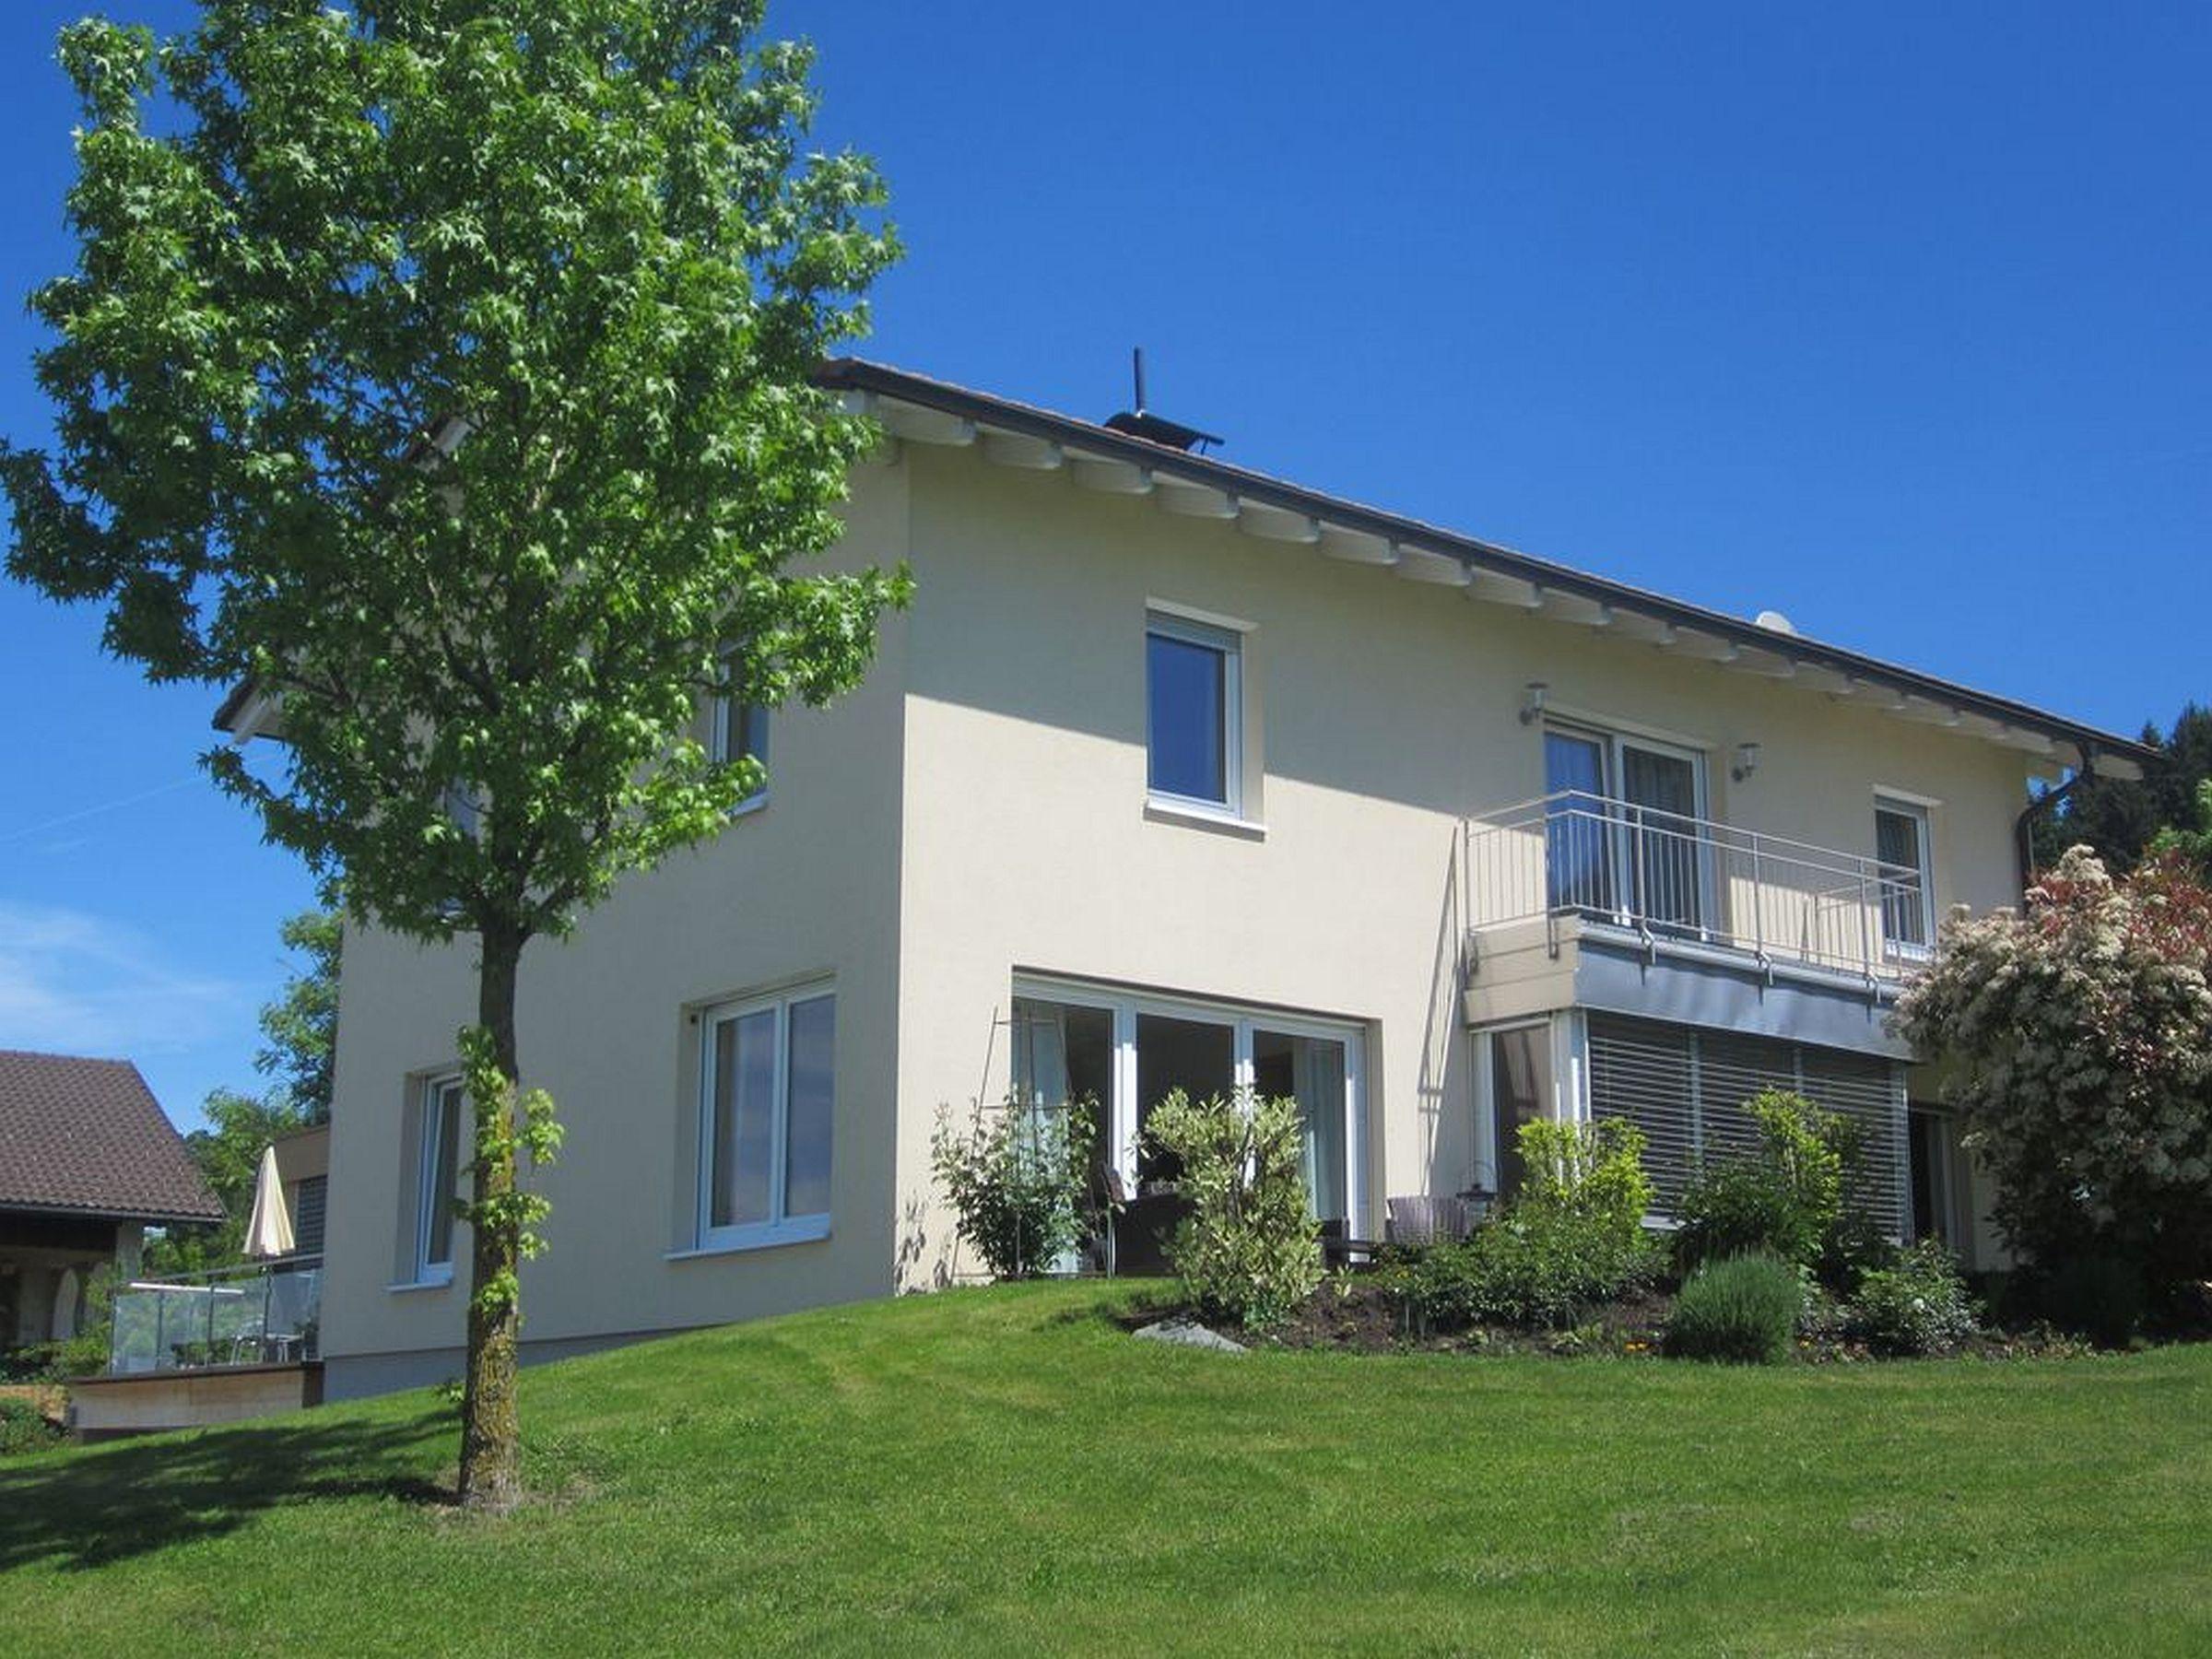 Maison de vacances Sandra, (Hörbranz). Ferienwohnung Seeblick, 58qm, 1 Schlafzimmer, max. 4 Personen (2127338), Hörbranz, Bregenz, Vorarlberg, Autriche, image 3